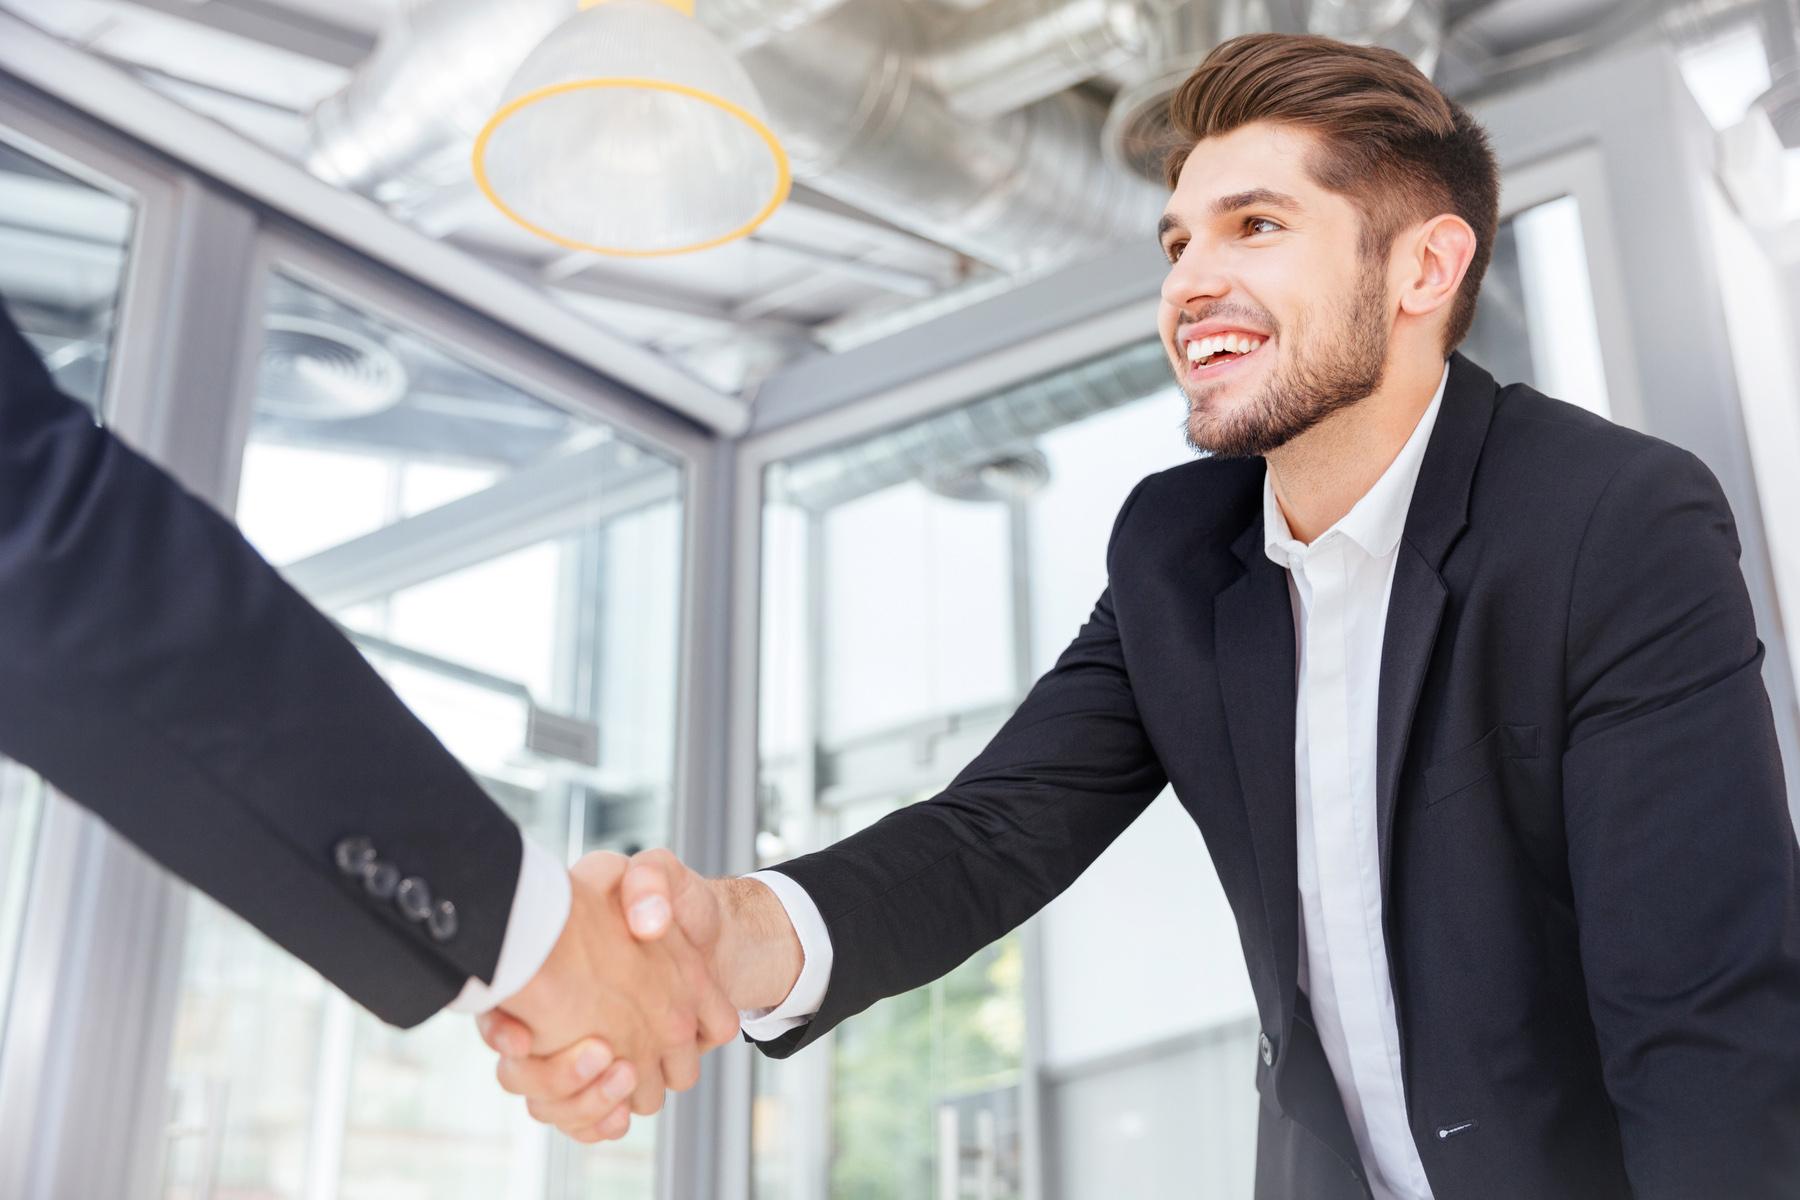 Job interview handshake